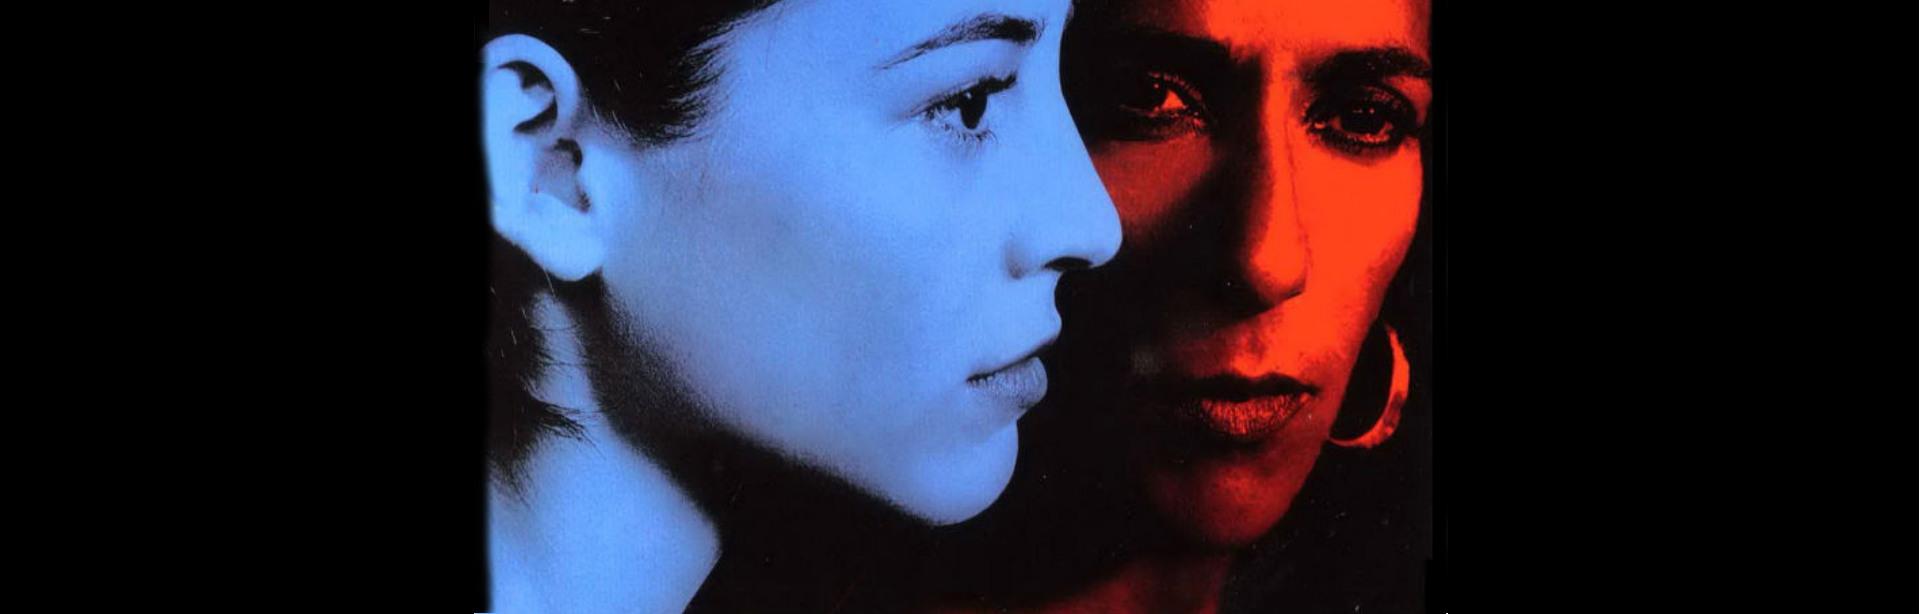 f4abe1cb7f03 Talk to her - Sin Fin Cinema